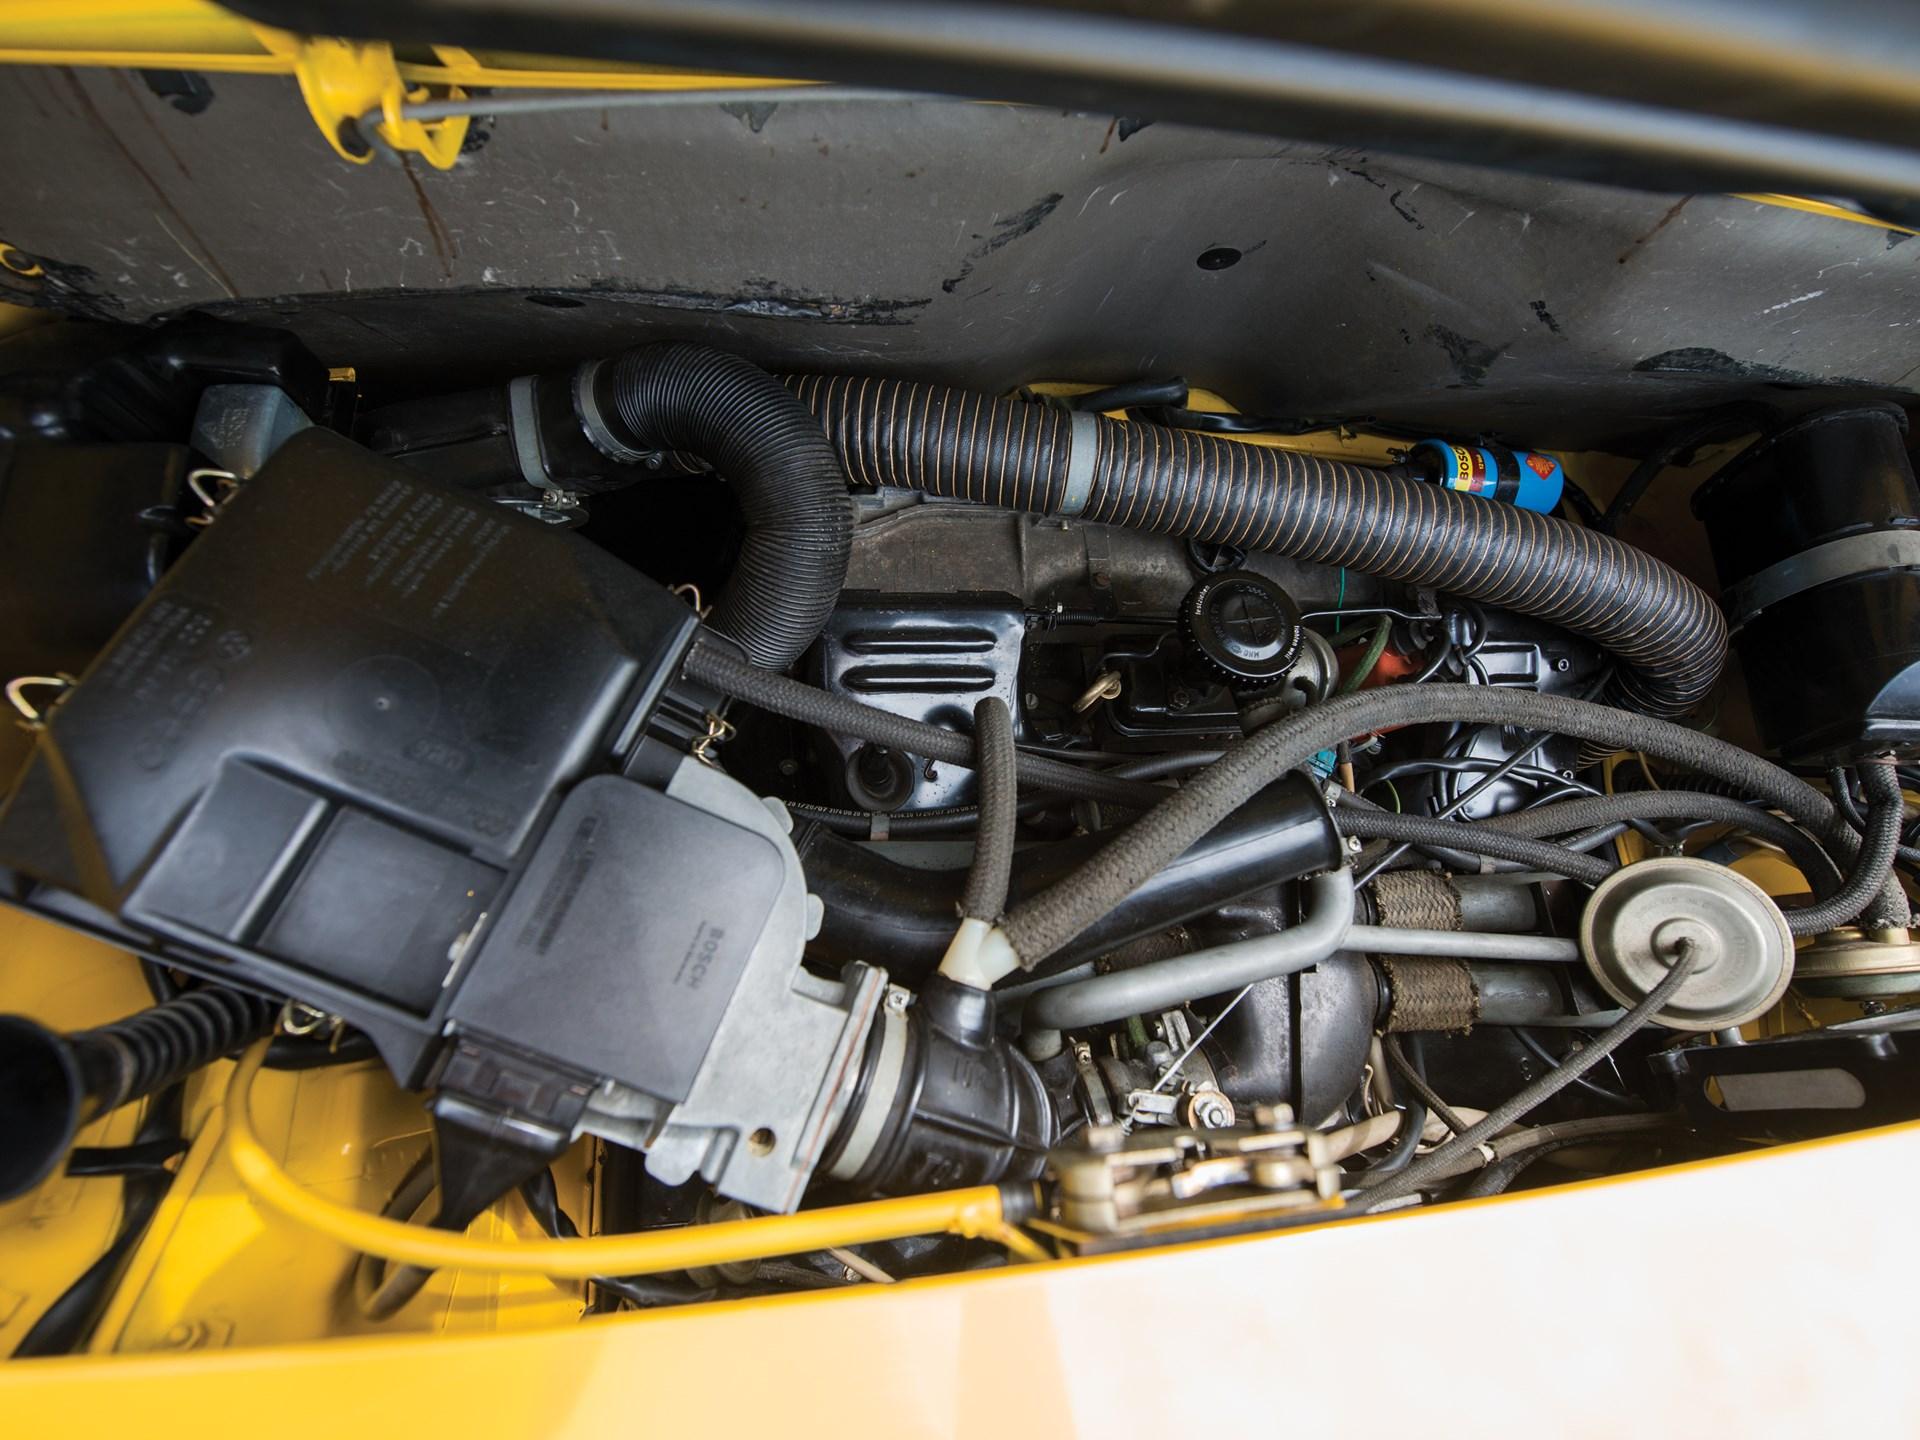 1975 Porsche 914 engine